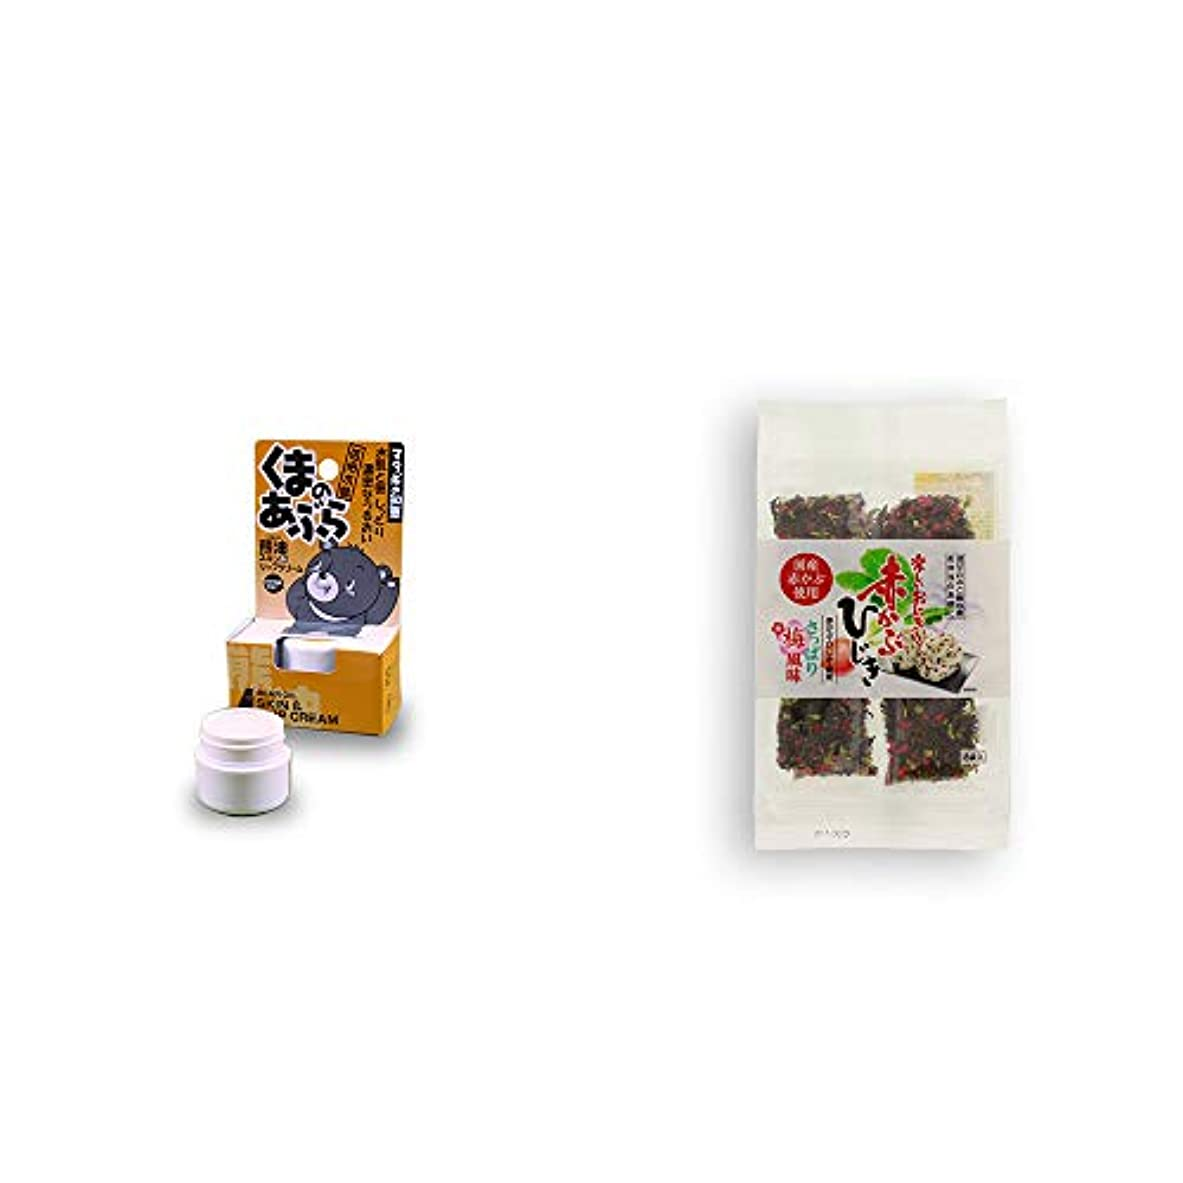 操るプロフィール彼の[2点セット] 信州木曽 くまのあぶら 熊油スキン&リップクリーム(9g)?楽しいおにぎり 赤かぶひじき(8g×8袋)